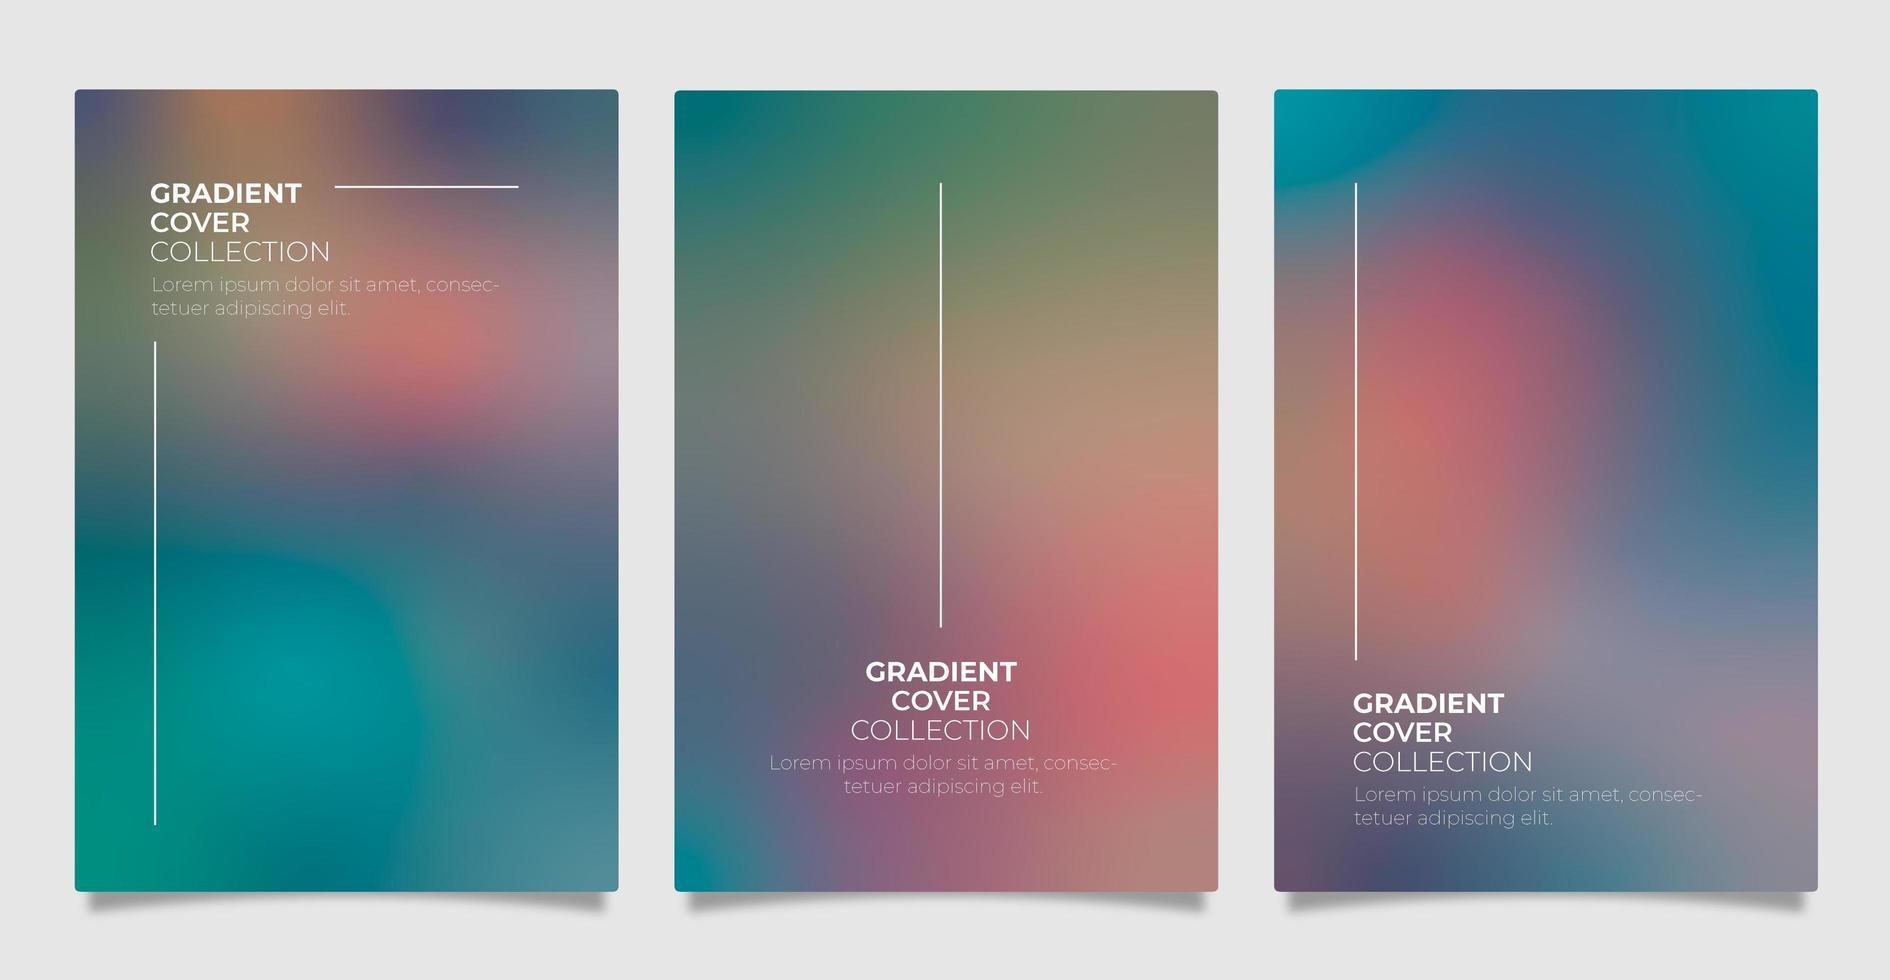 coleção de cobertura gradiente vetor